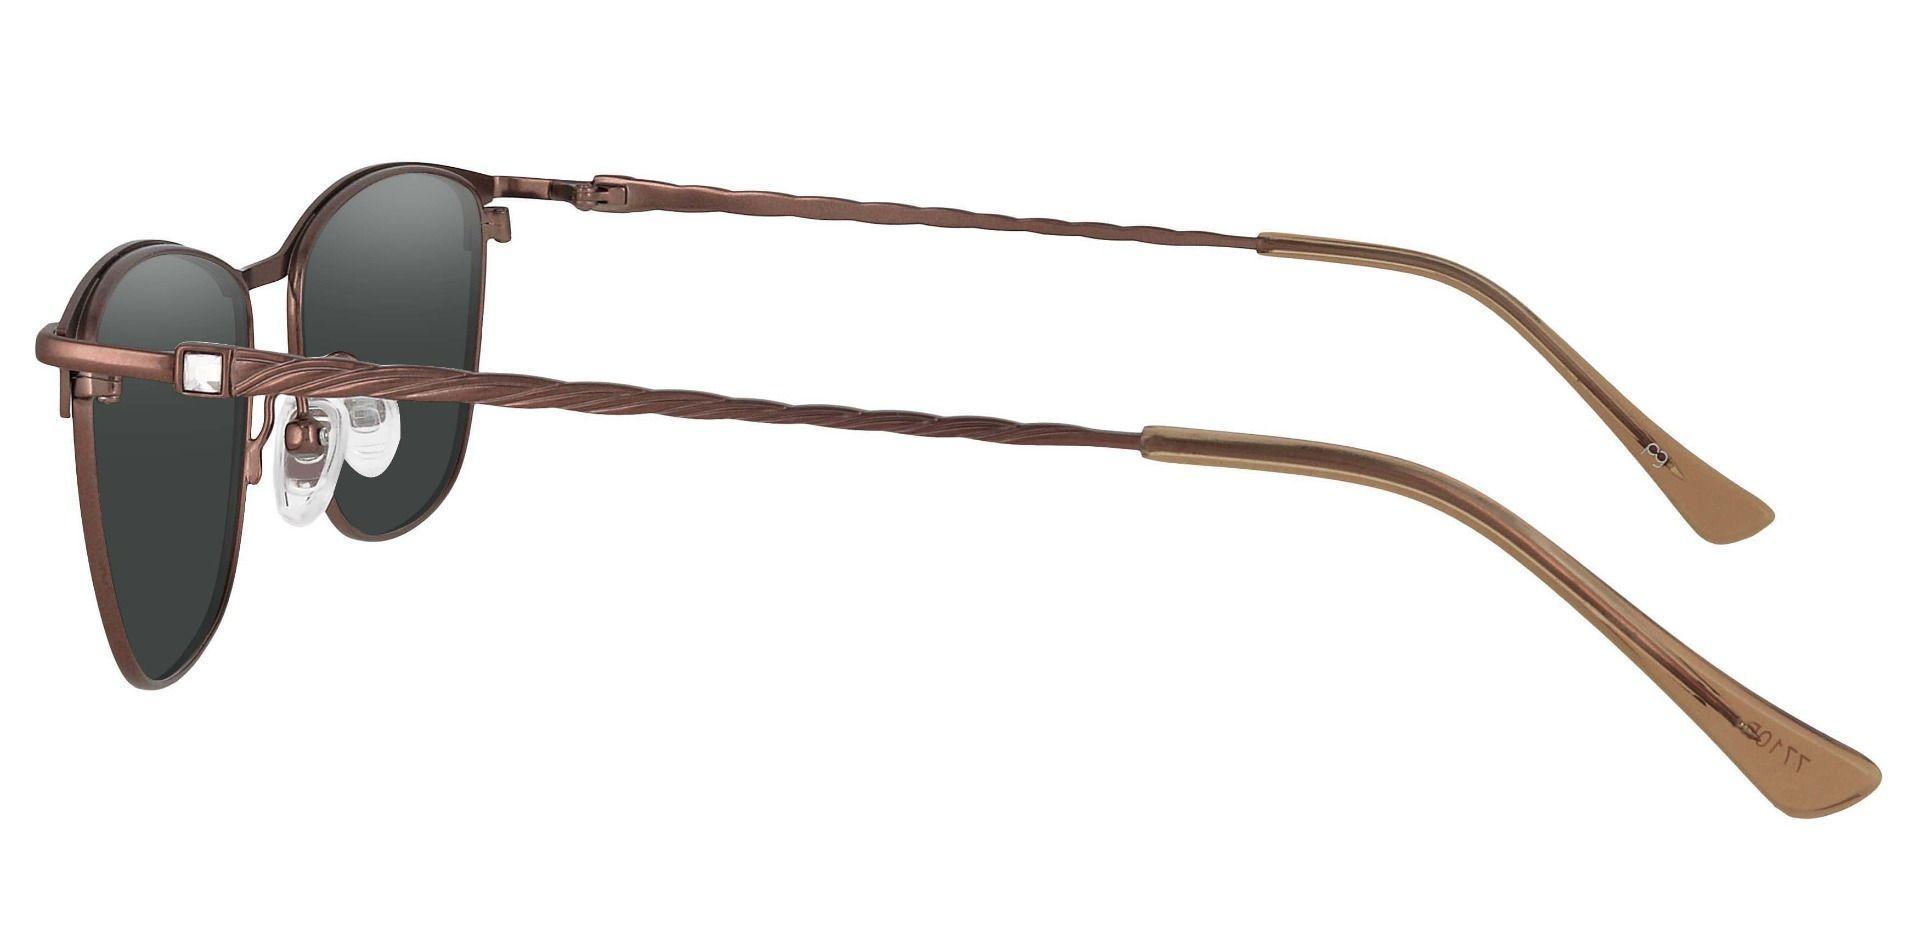 Andrea Cat Eye Progressive Sunglasses - Brown Frame With Gray Lenses